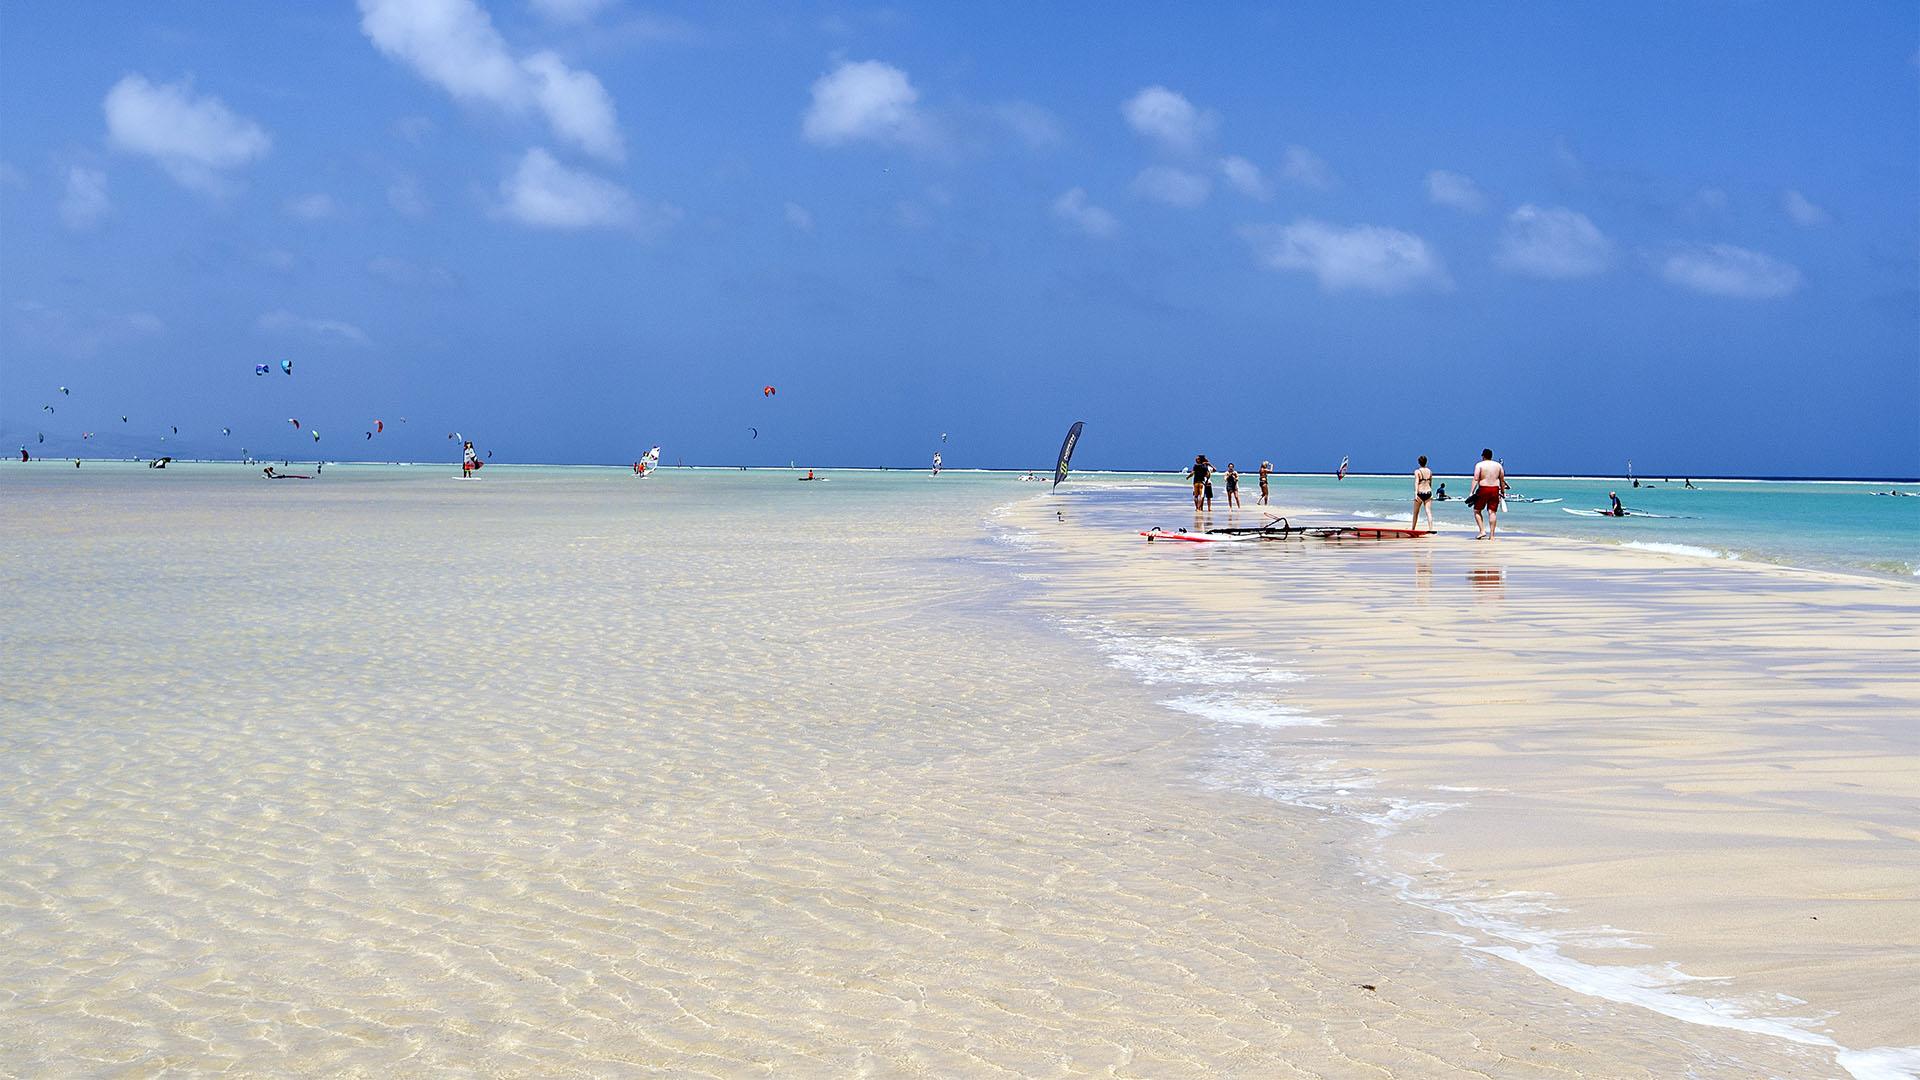 Sonnen und baden auf Fuerteventura.